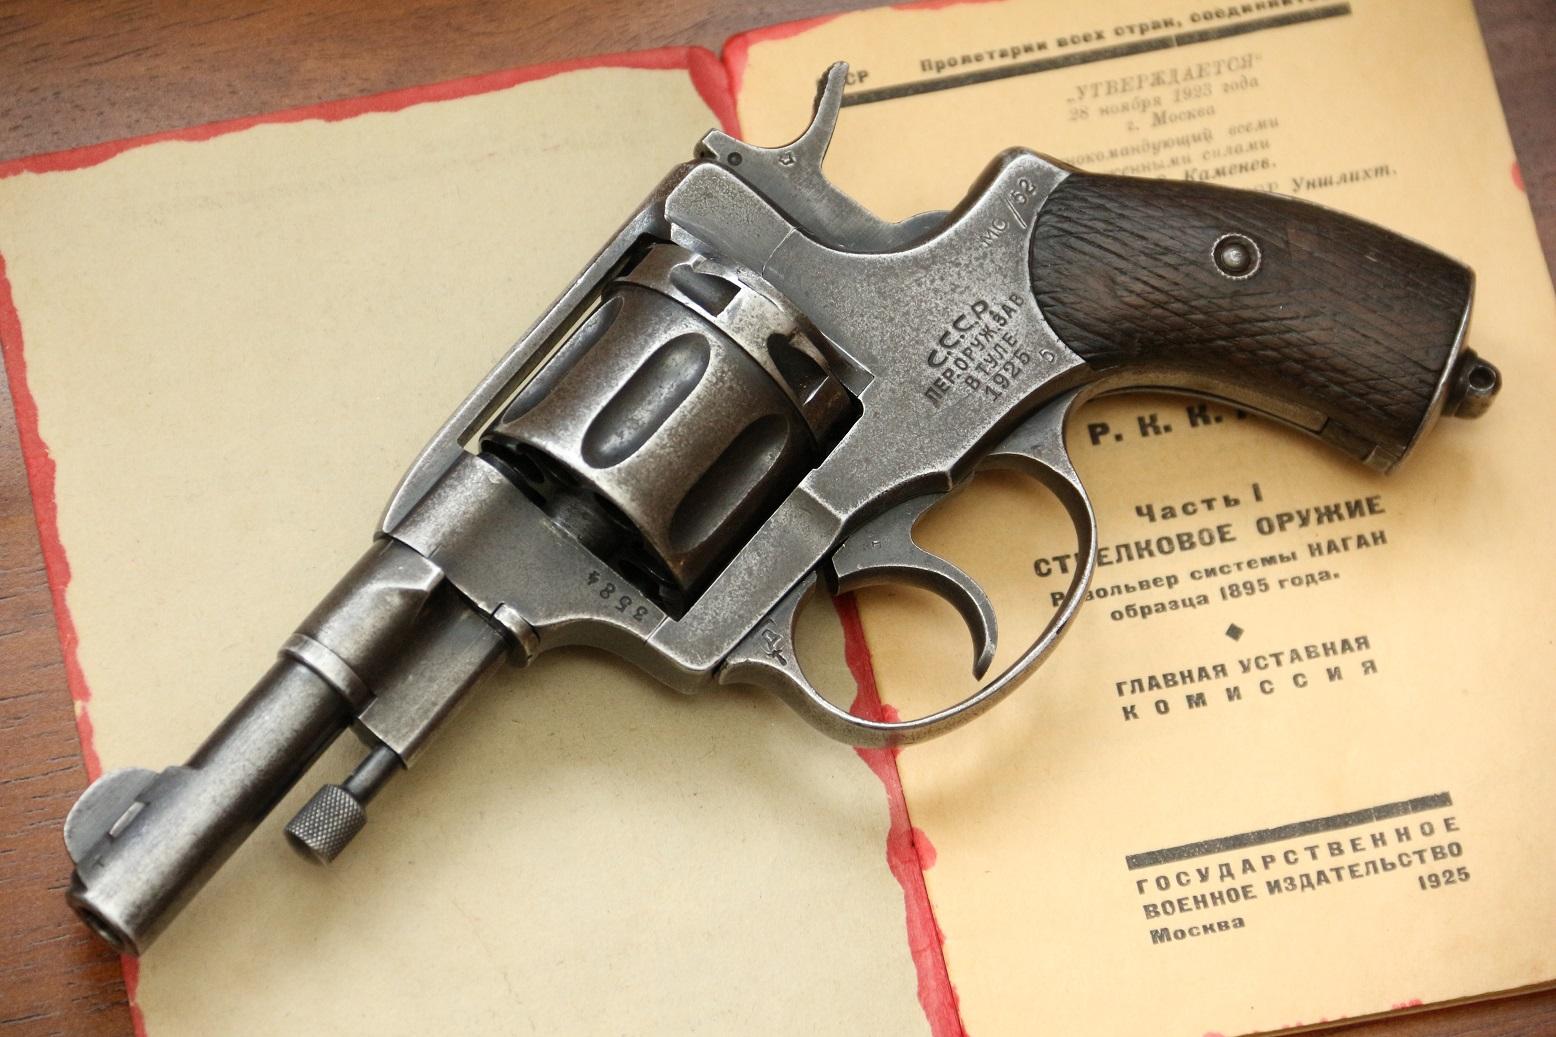 Фото Командирский револьвер Наган 1925 год, №3584, оригинал